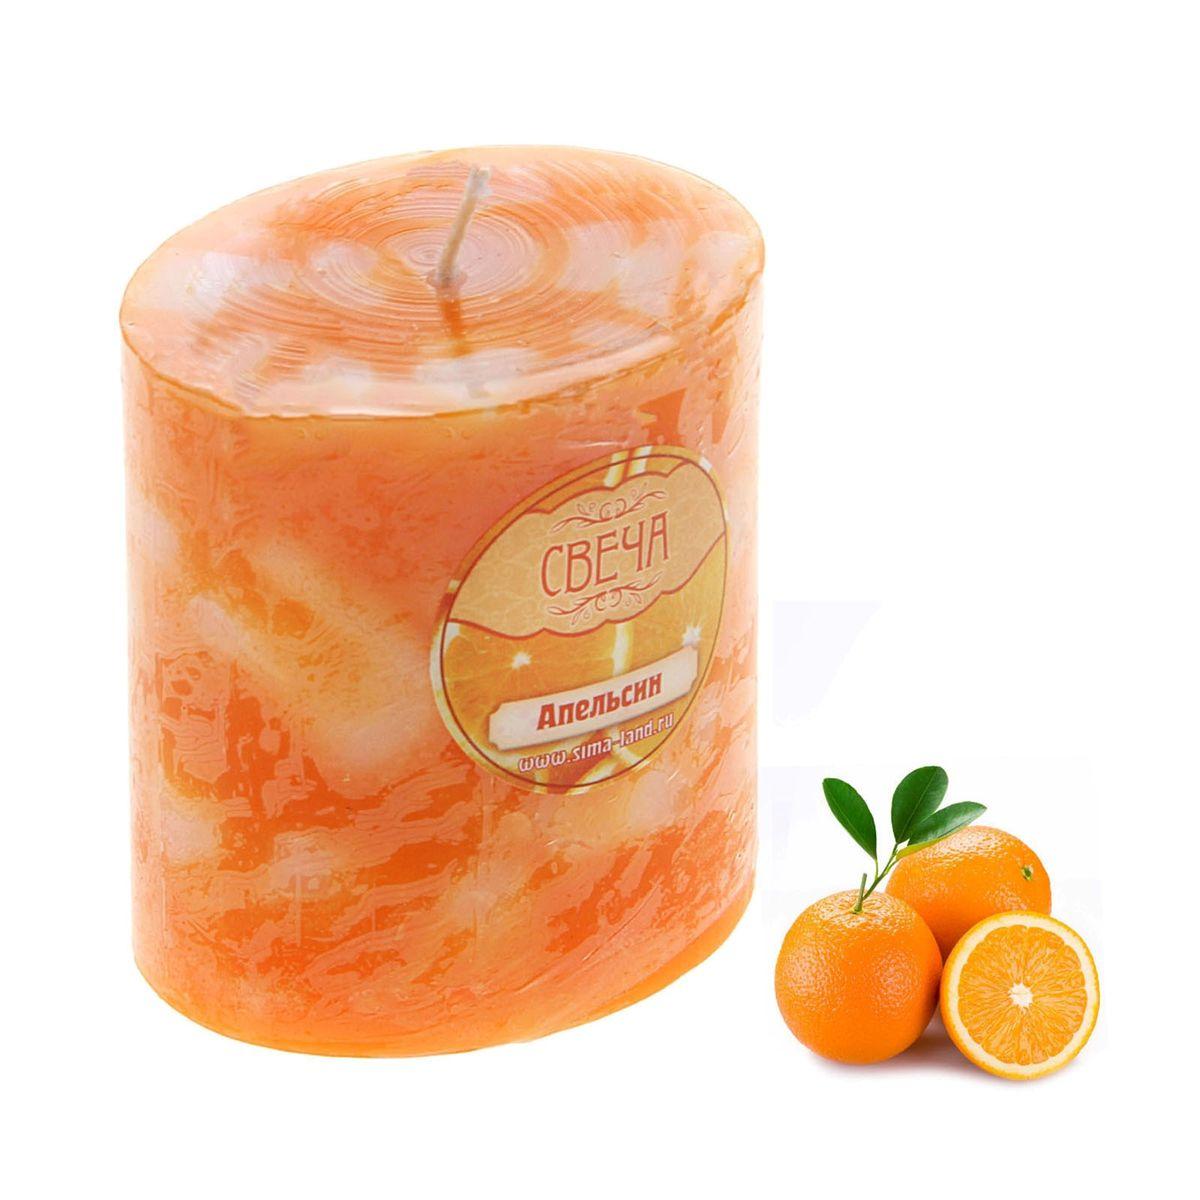 Свеча ароматизированная Sima-land Слияние, с ароматом апельсина, цвет: оранжевый, белый, высота 7 смU210DFАроматизированная свеча Sima-land Слияние изготовлена из воска. Изделие отличается оригинальным дизайном и приятным ароматом апельсина.Свеча Sima-land Слияние - это прекрасный выбор для тех, кто хочет сделать запоминающийся презент родным и близким. Она поможет создать атмосферу праздника. Такой подарок запомнится надолго.